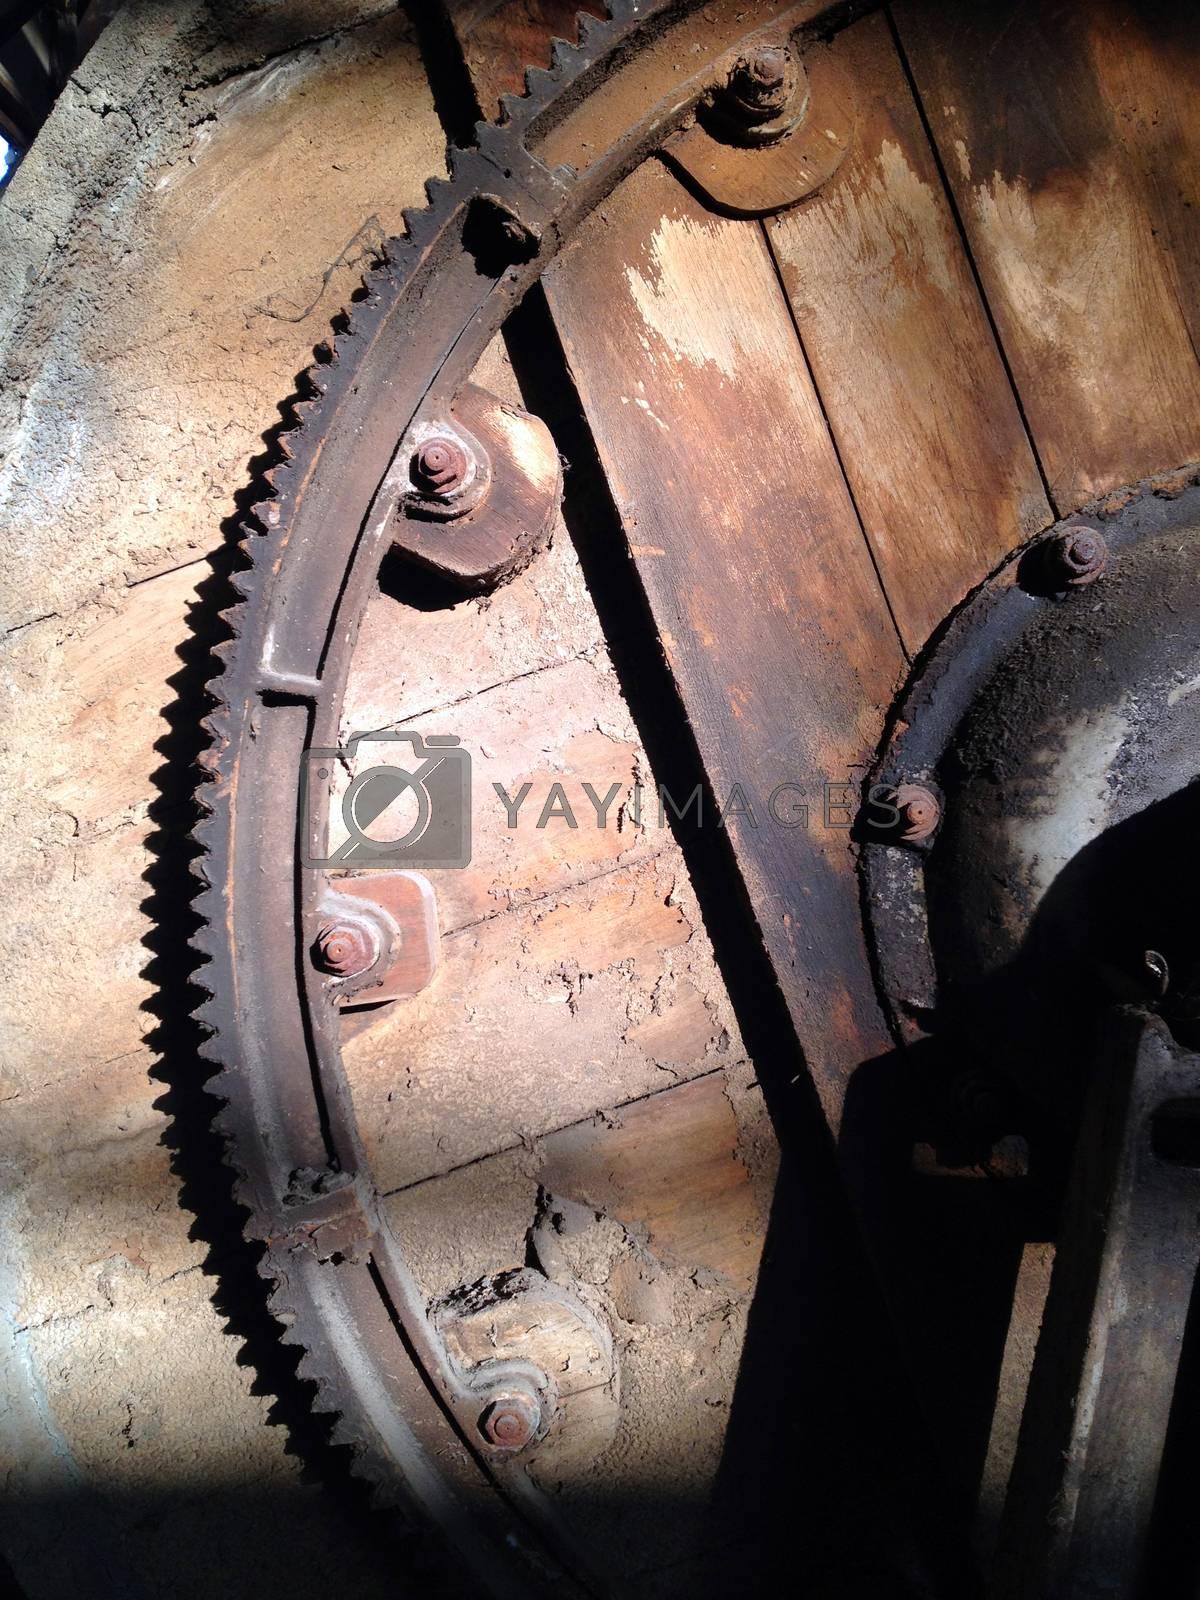 detail of Rusty cogwheels in shadow